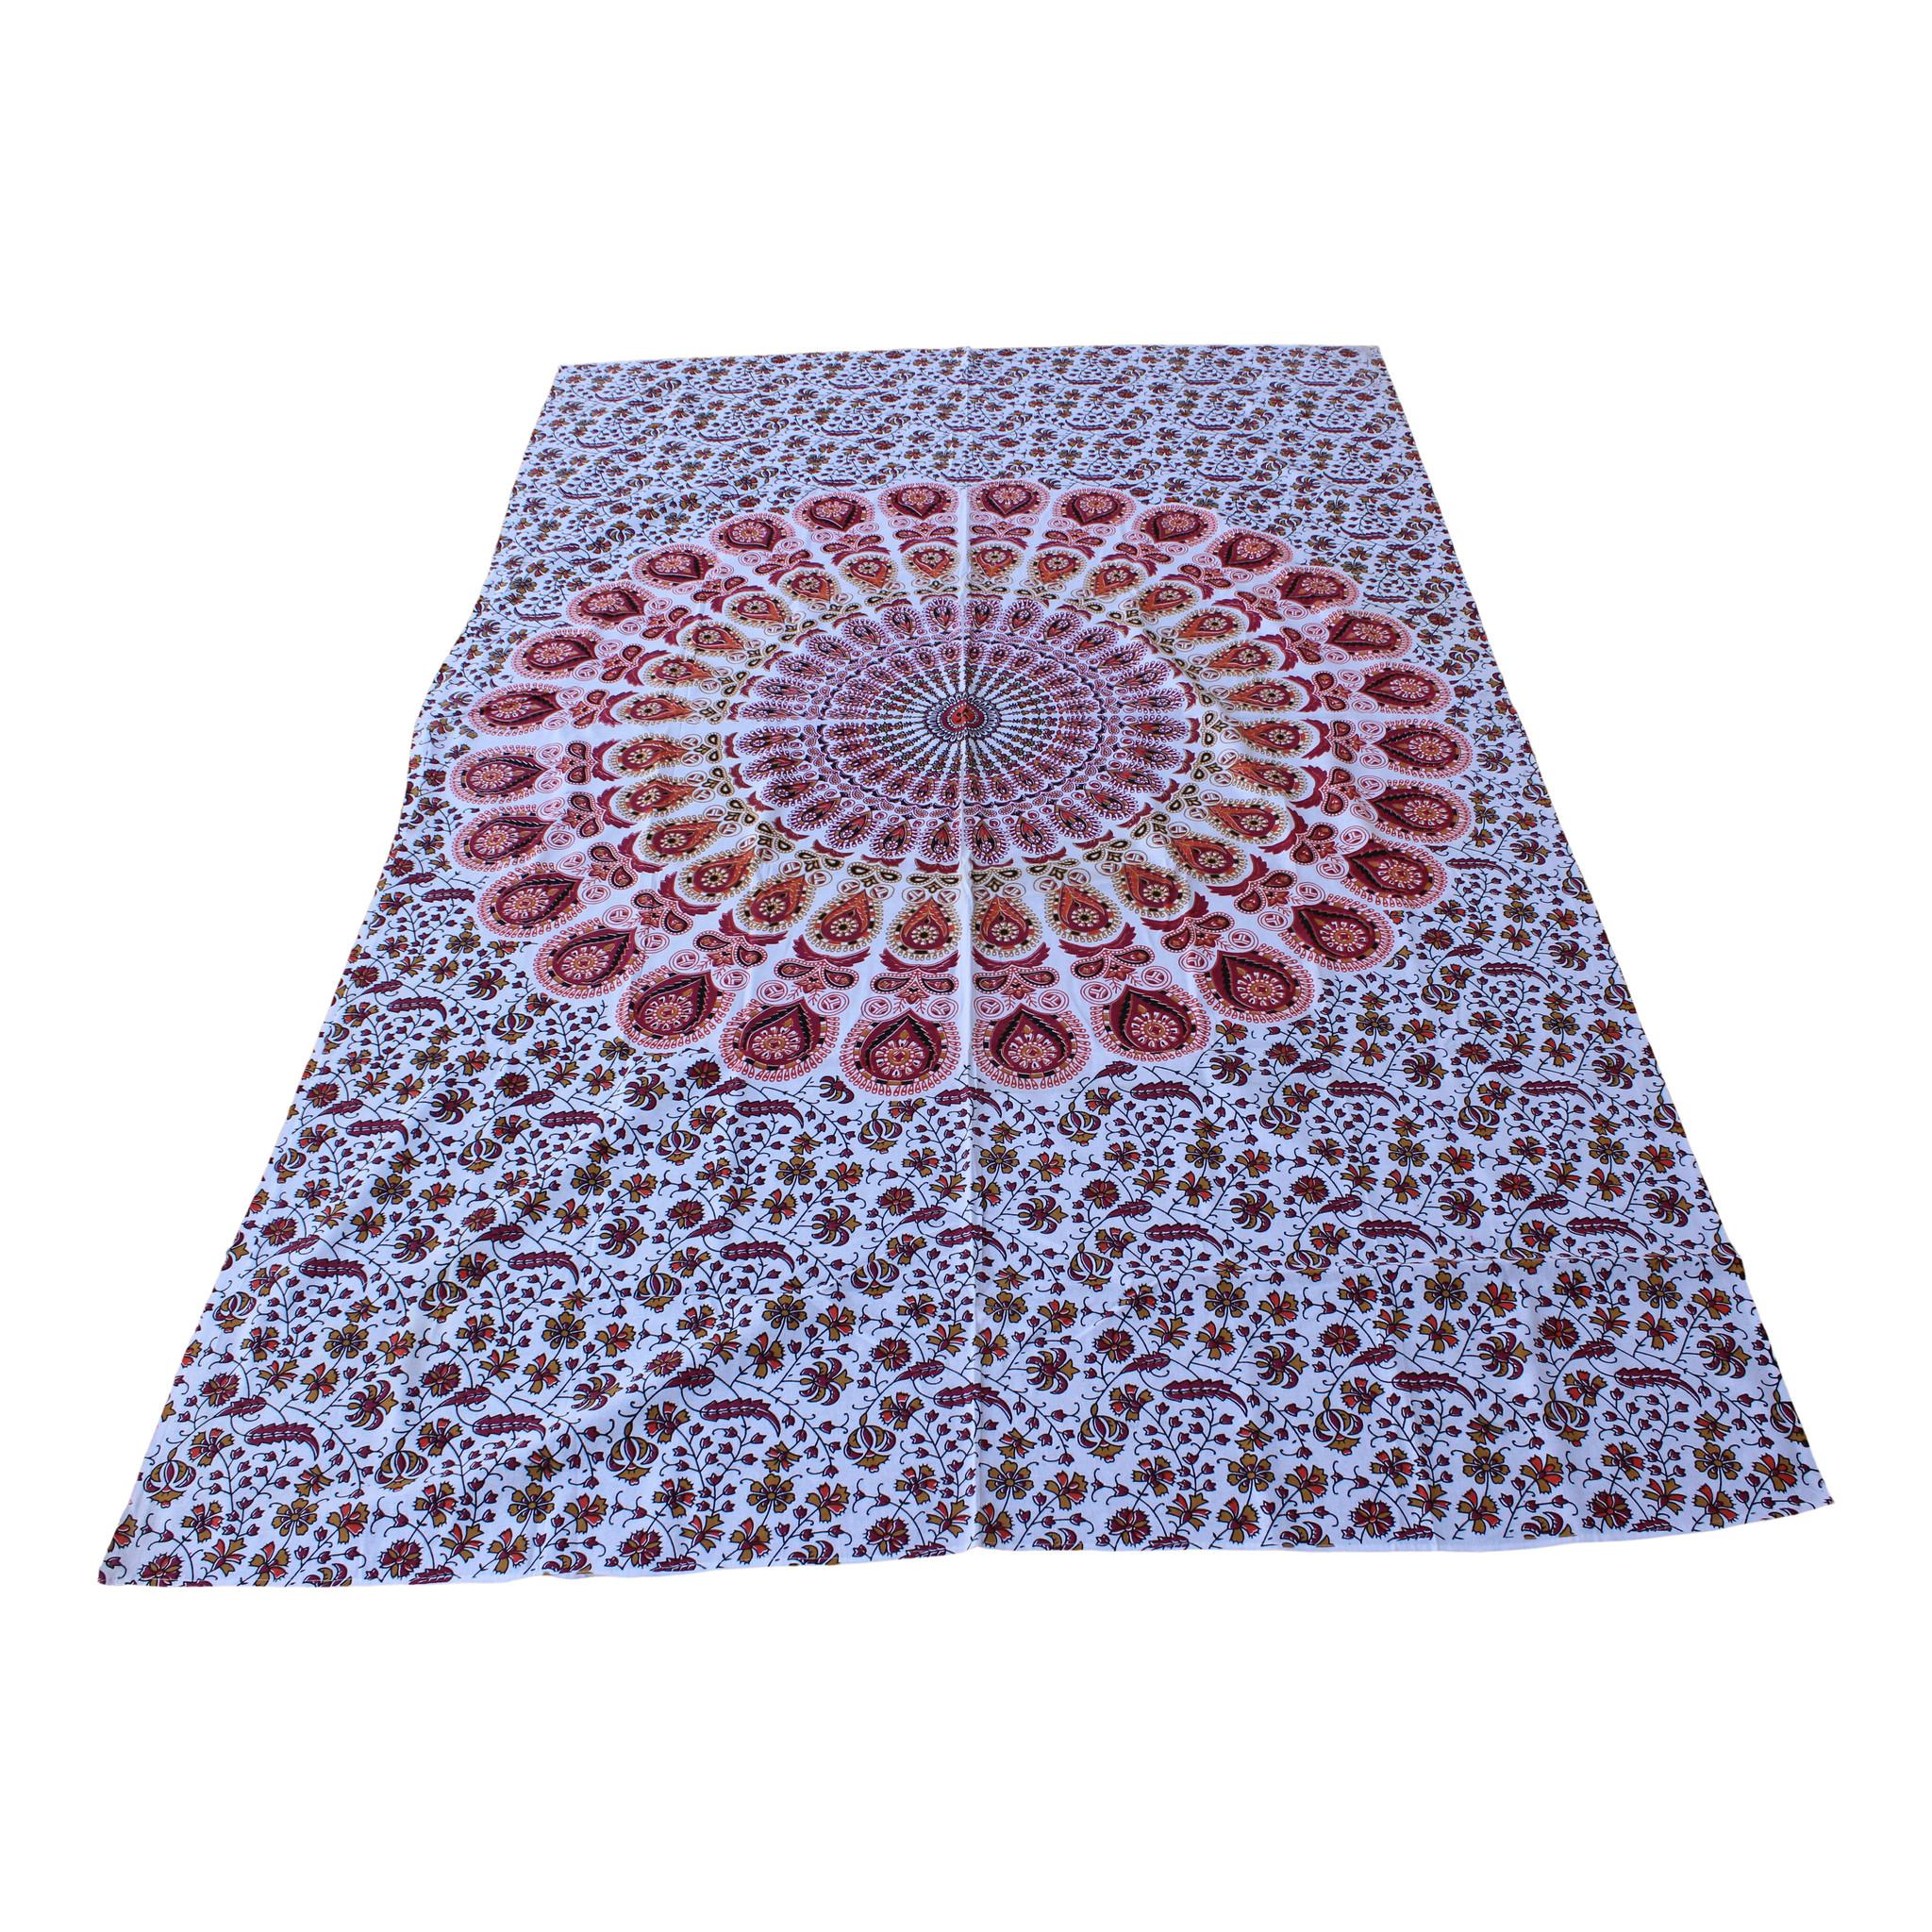 Myroundie Myroundie – roundie  - rechthoekig strandlaken – strandkleed - yoga kleed - picknickkleed - speelkleed - muurkleed - 100% katoen  - 140 x 210 cm - 814